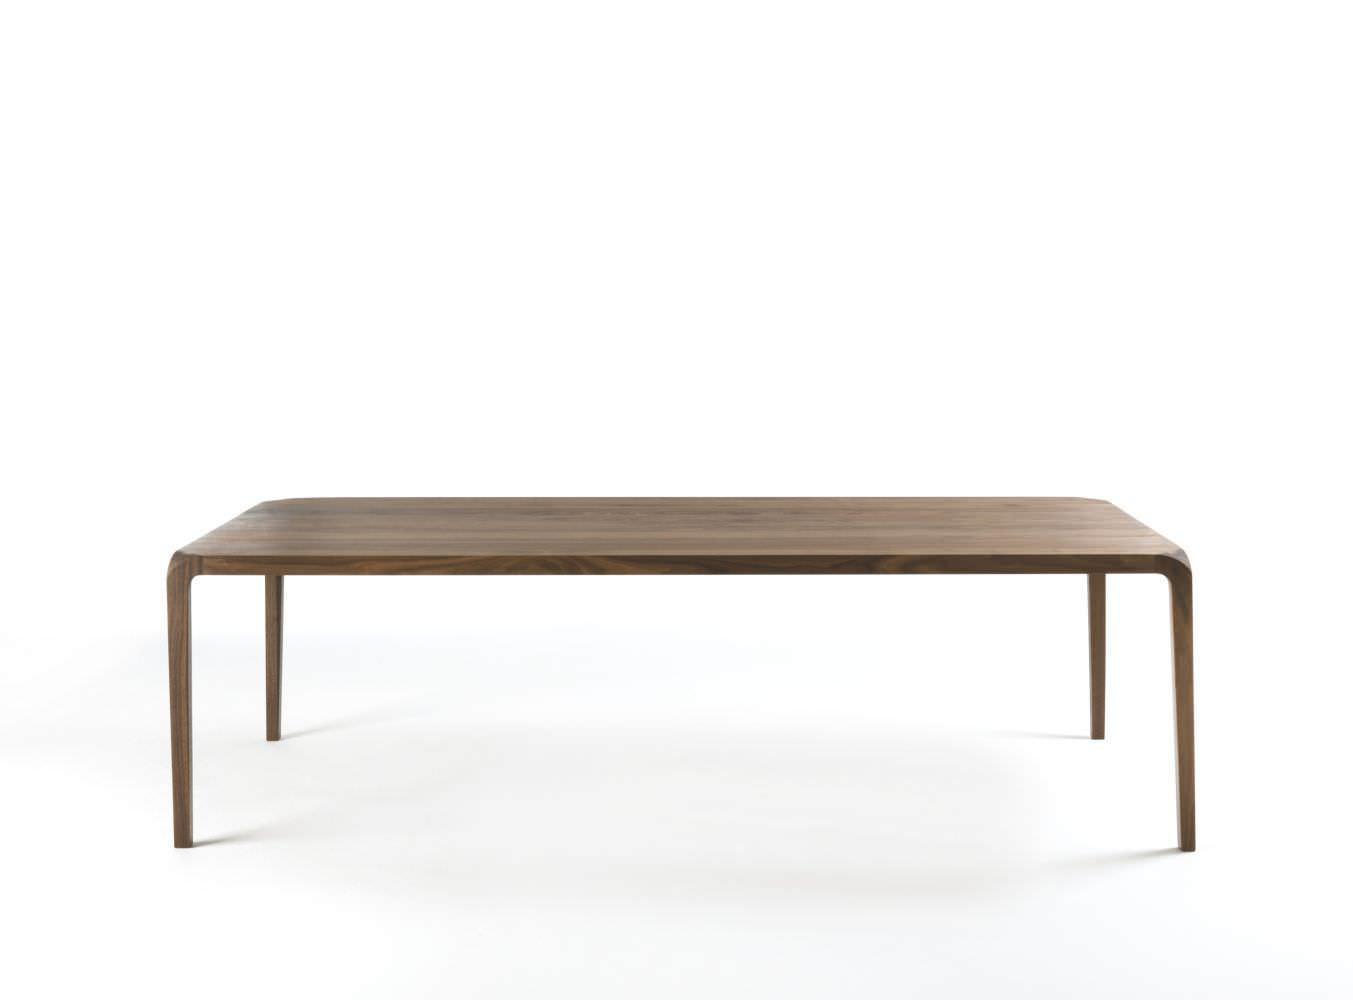 moderne tisch / aus massivholz / rechteckig / für innenbereich, Möbel